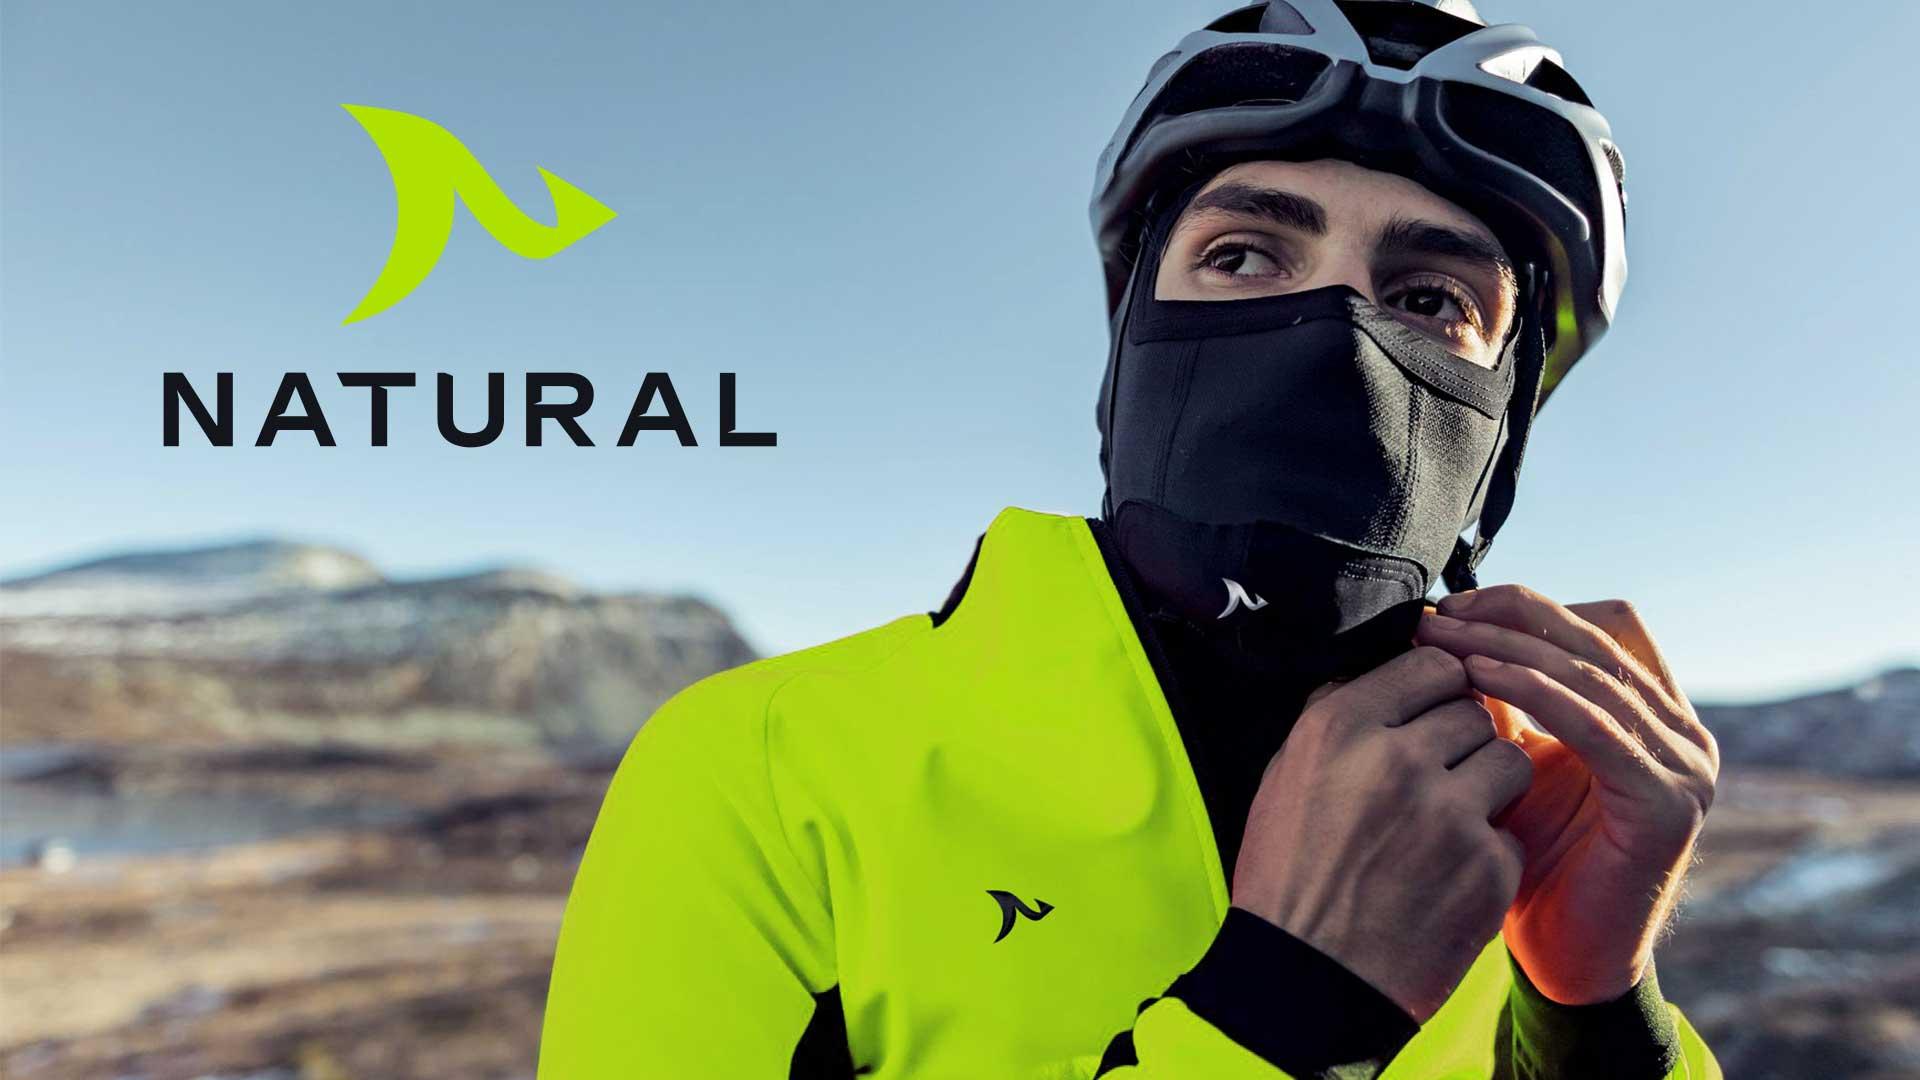 Diseño de Marca Natural ropa deportiva By MAD agencia